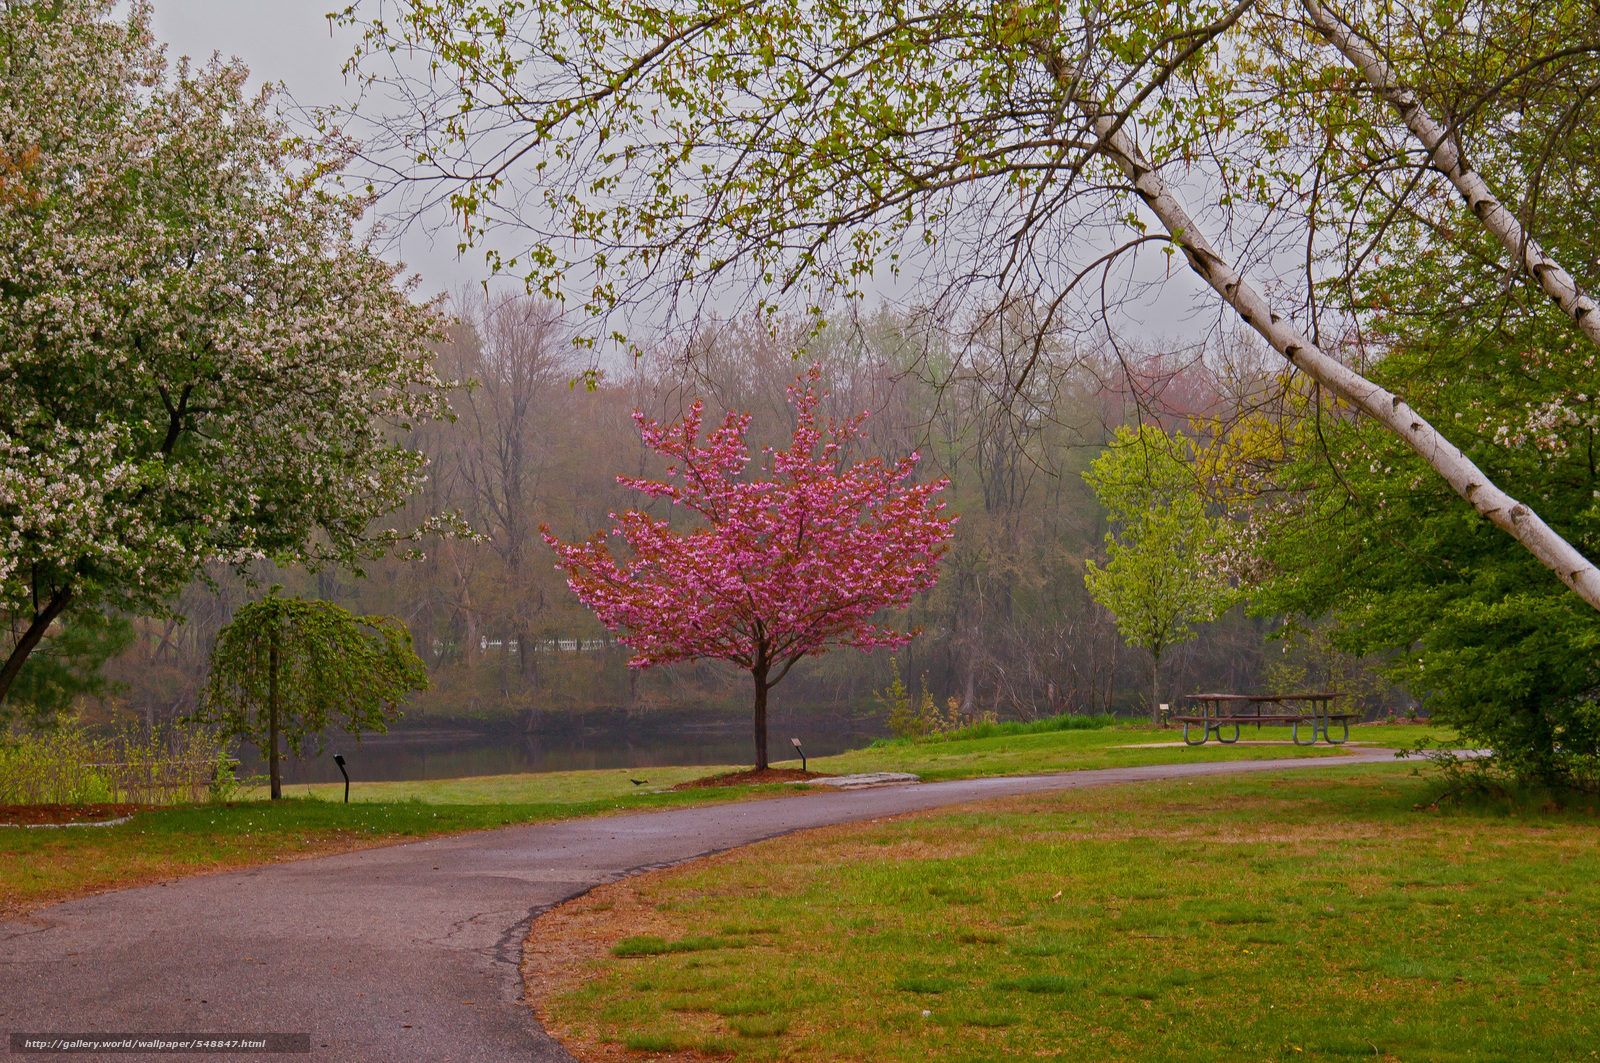 Скачать обои сад парк дорога деревья